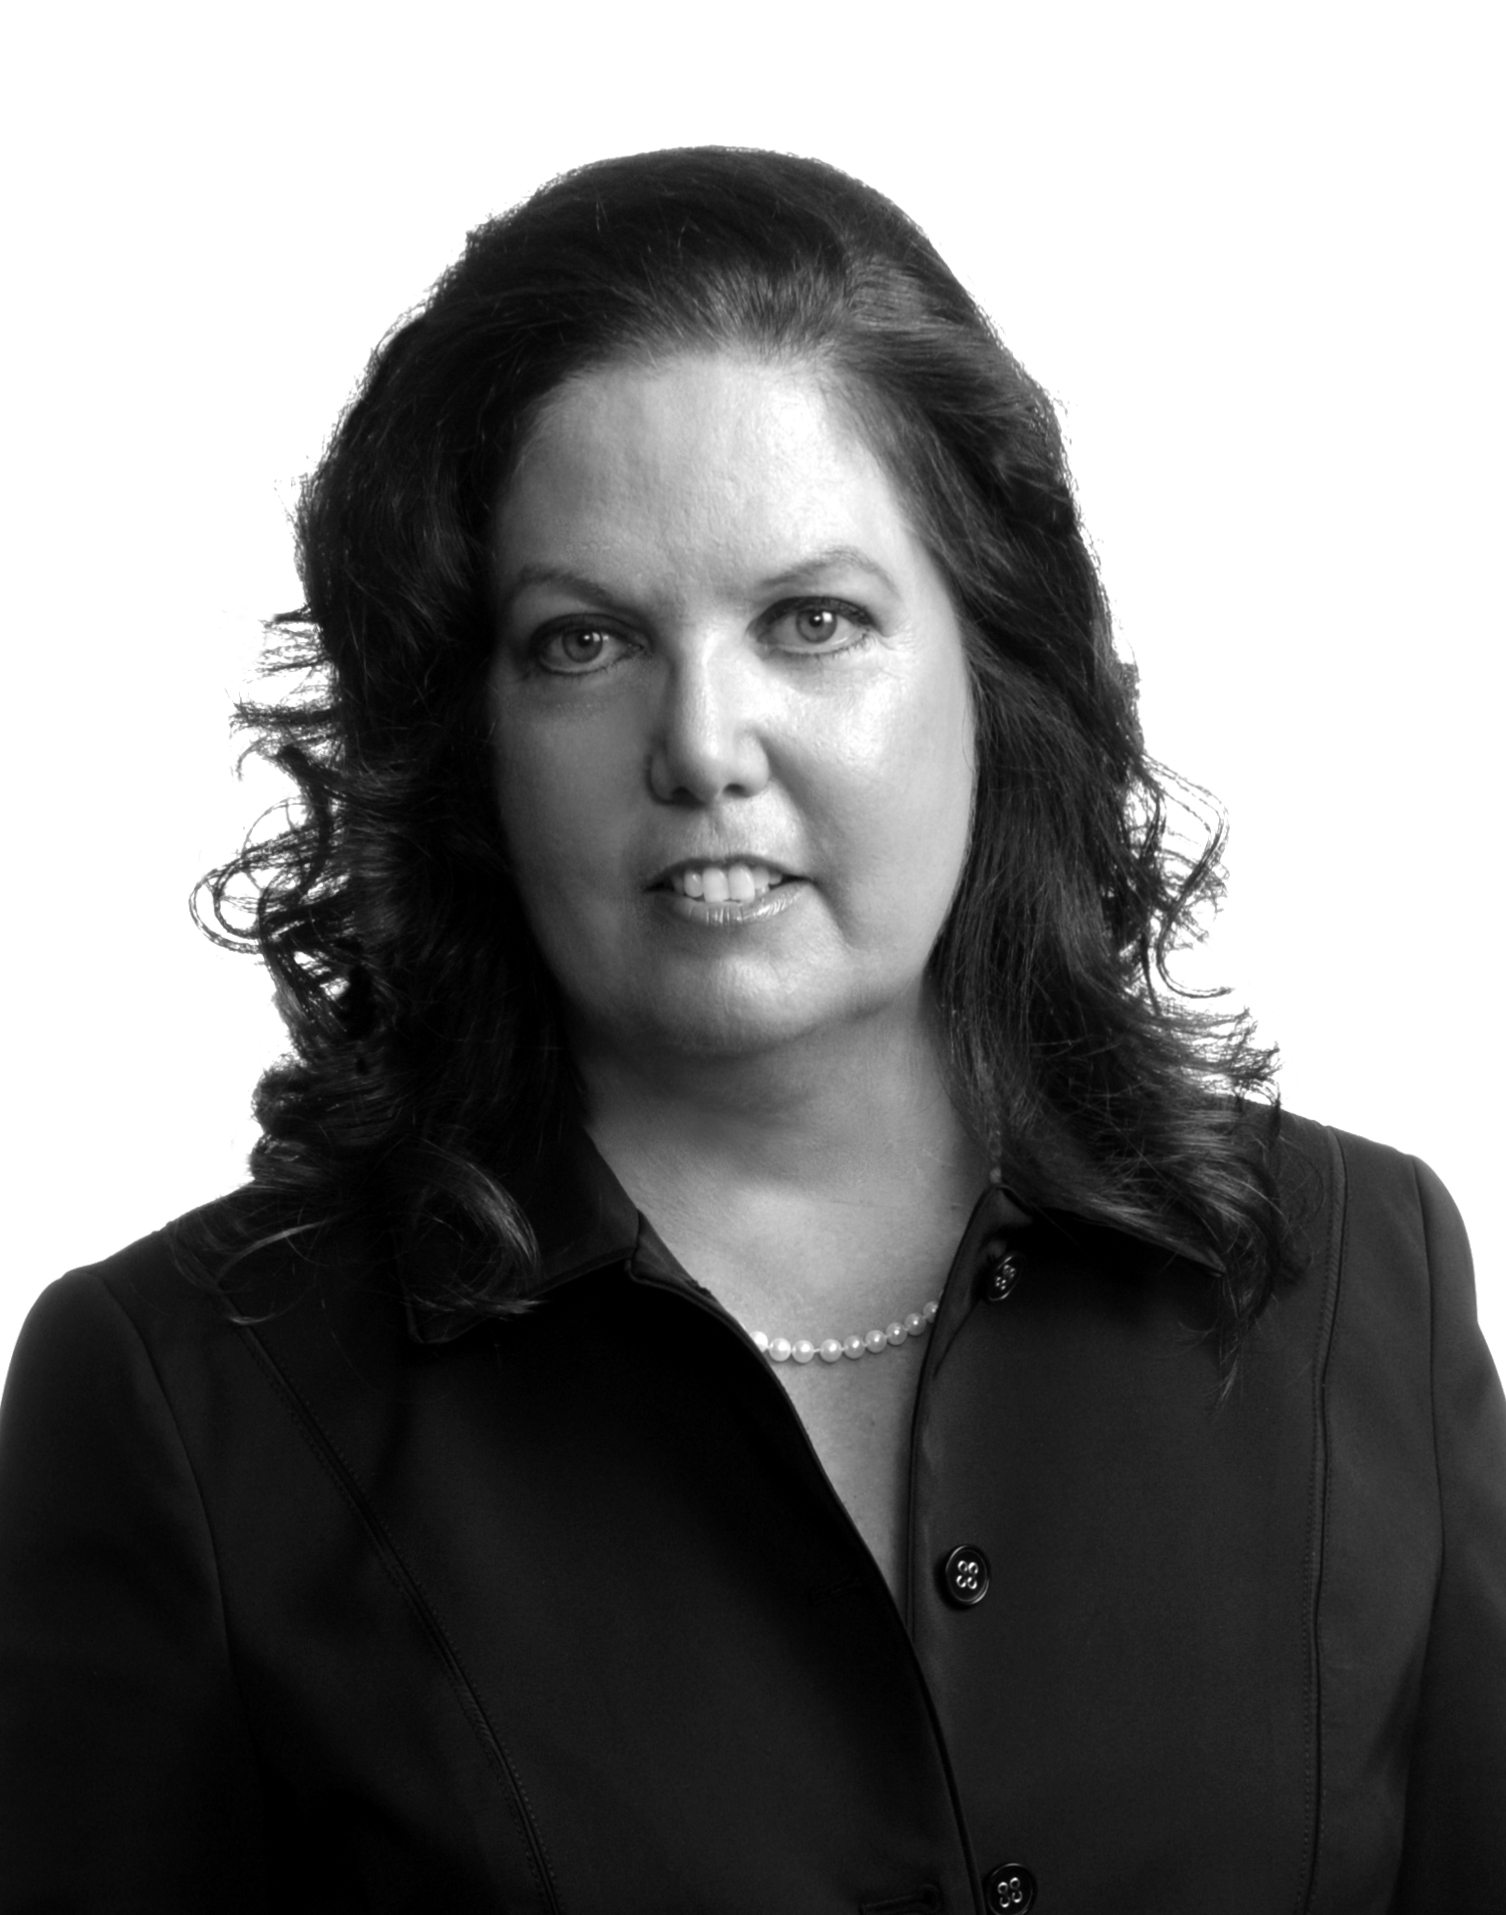 Gail Vaughn Ashworth